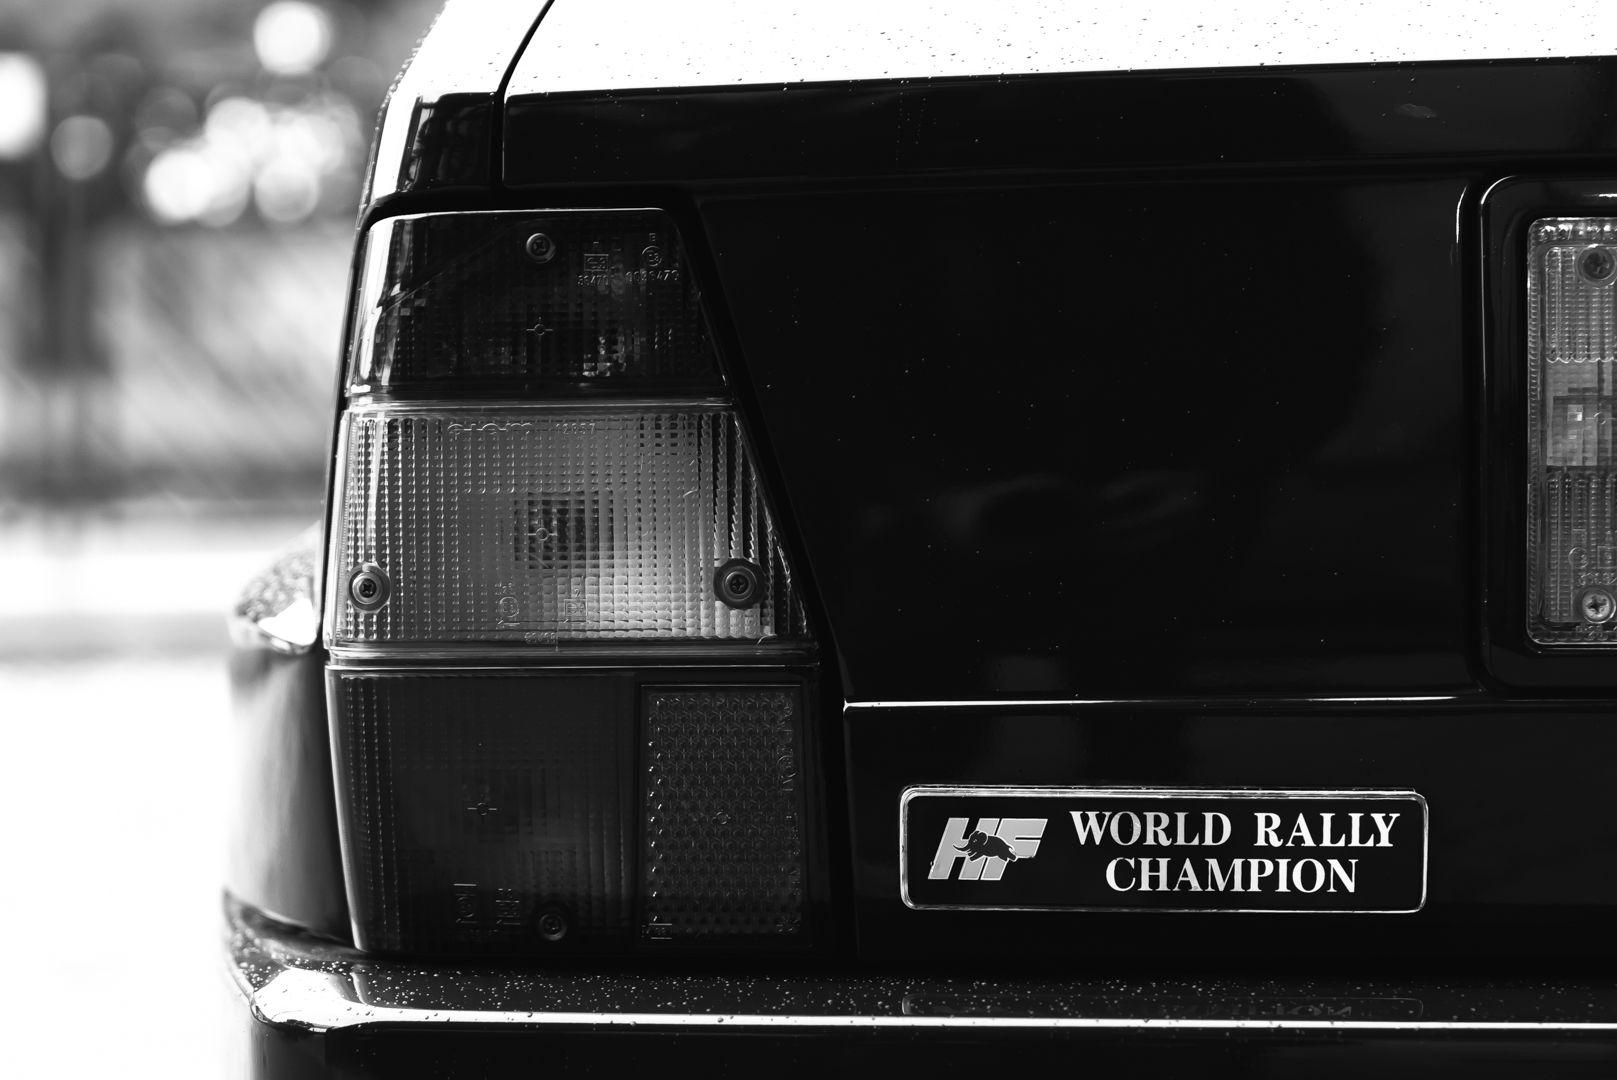 1992 Lancia Delta HF Integrale 16V Evo 1 - 79/250 84809